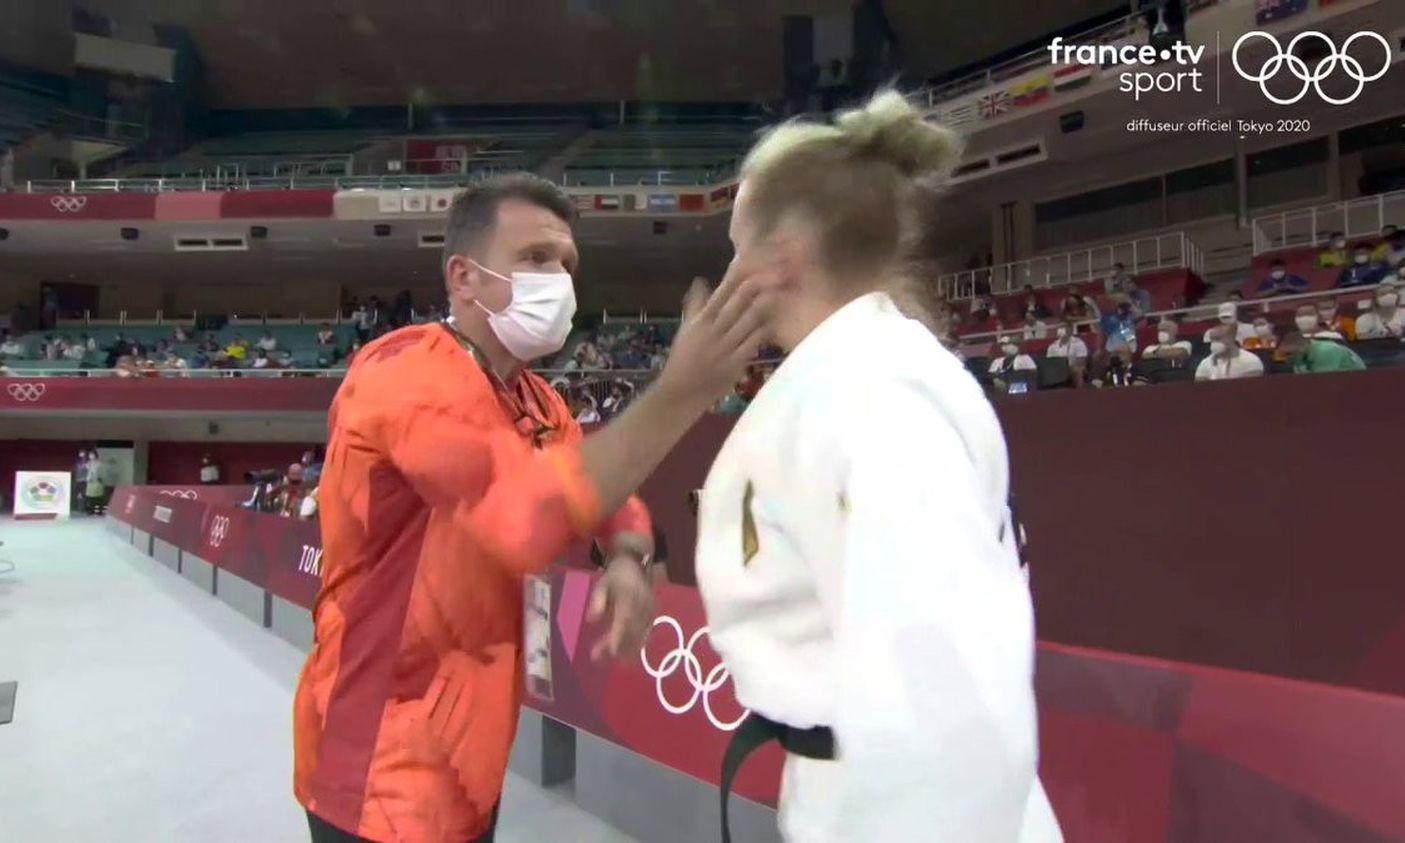 Pusa tát Trajdos là nghi thức khởi động của võ sĩ người Đức. Ảnh: France TV Sport.